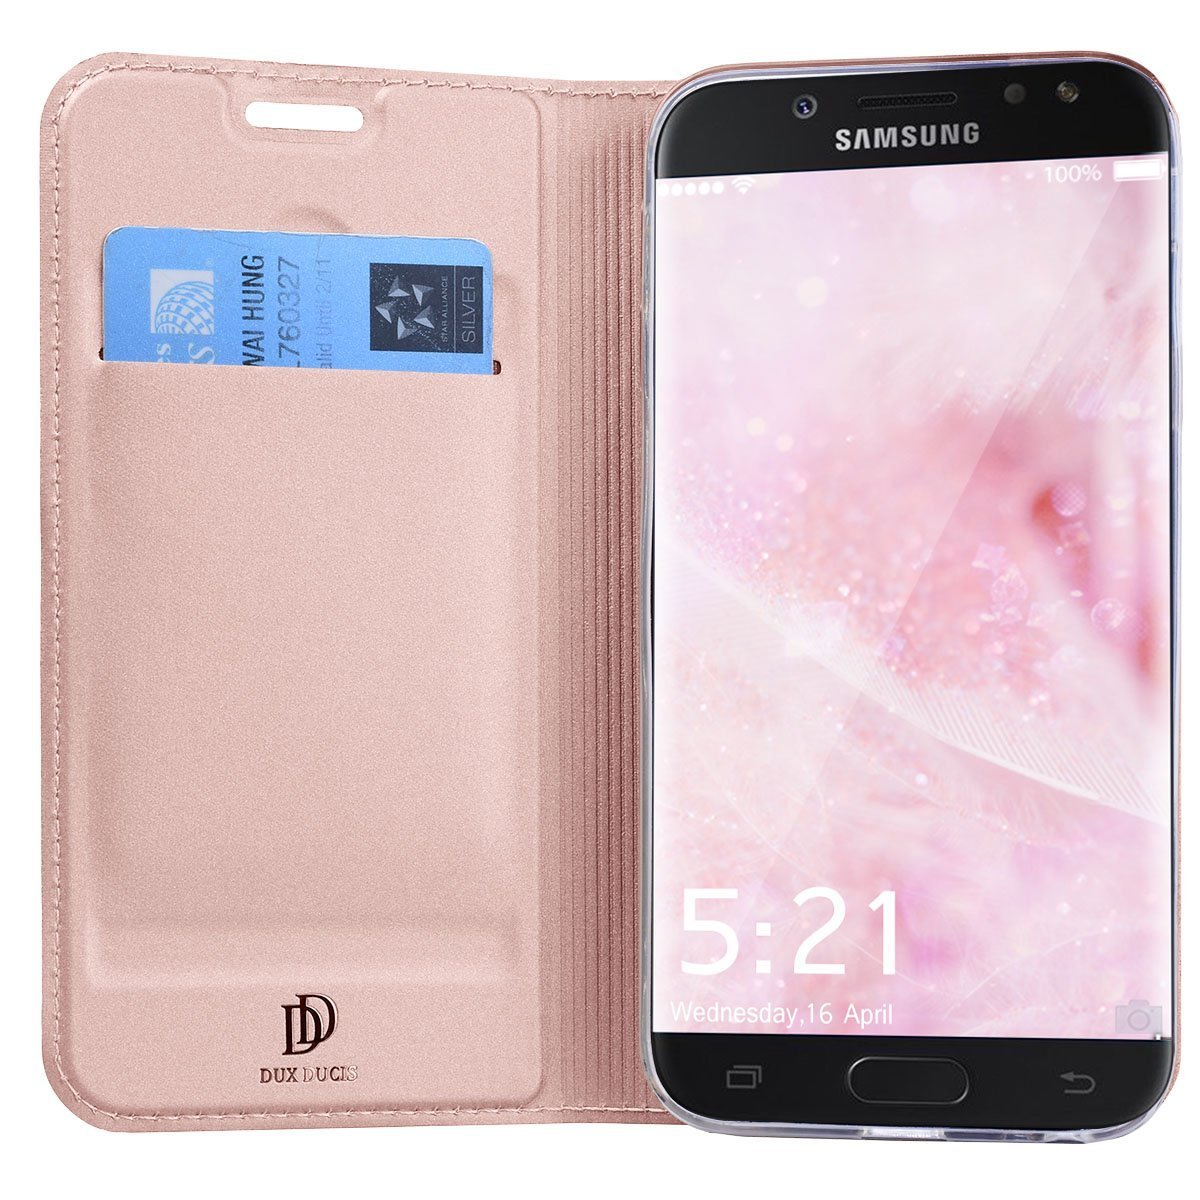 Cover Galaxy J5 2017 Samsung J7 2017 Custodia Pelle Premium PU Bookstyle Wallet Cassa in pelle Protettiva Flip Cover per Galaxy J3 2017